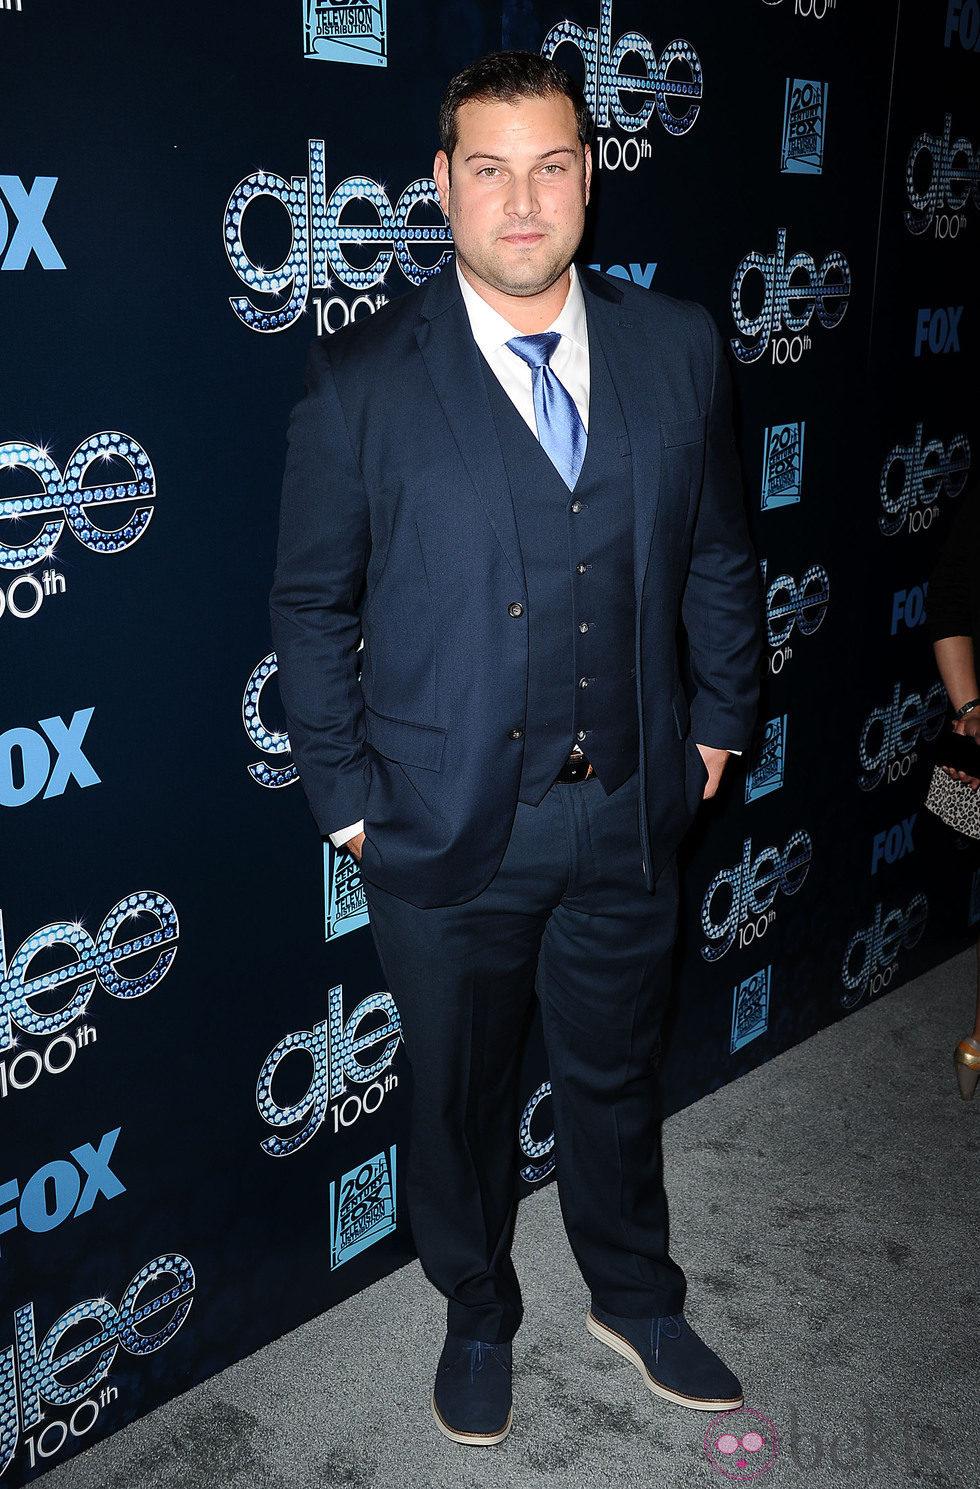 Max Adler en la fiesta del episodio 100 de 'Glee'